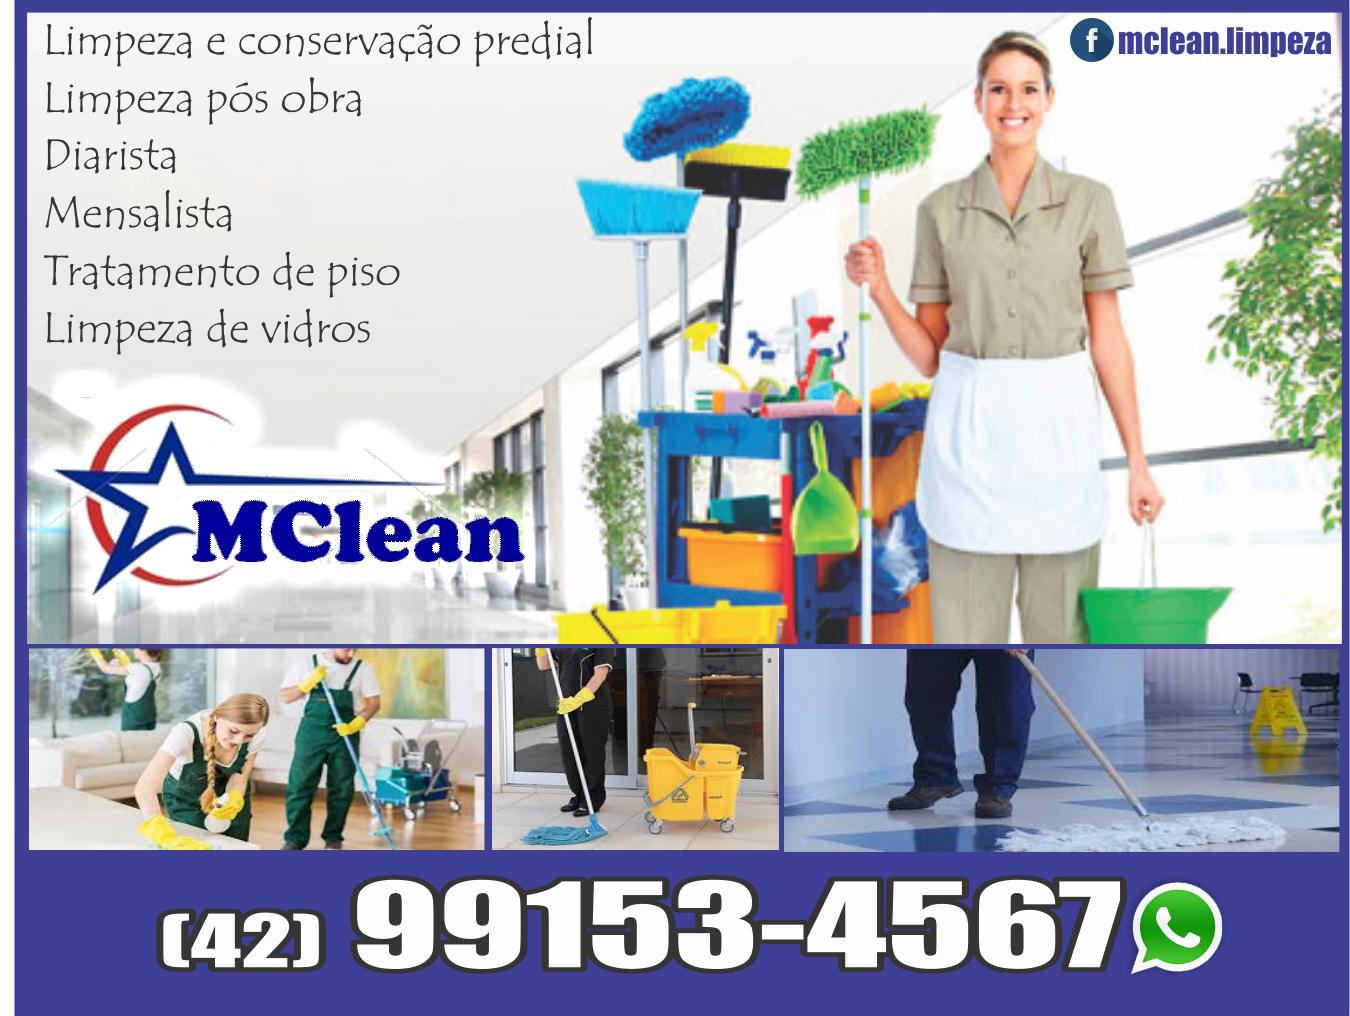 Mclean Limpeza e Conservação      Fones: (42)99153-4567 /